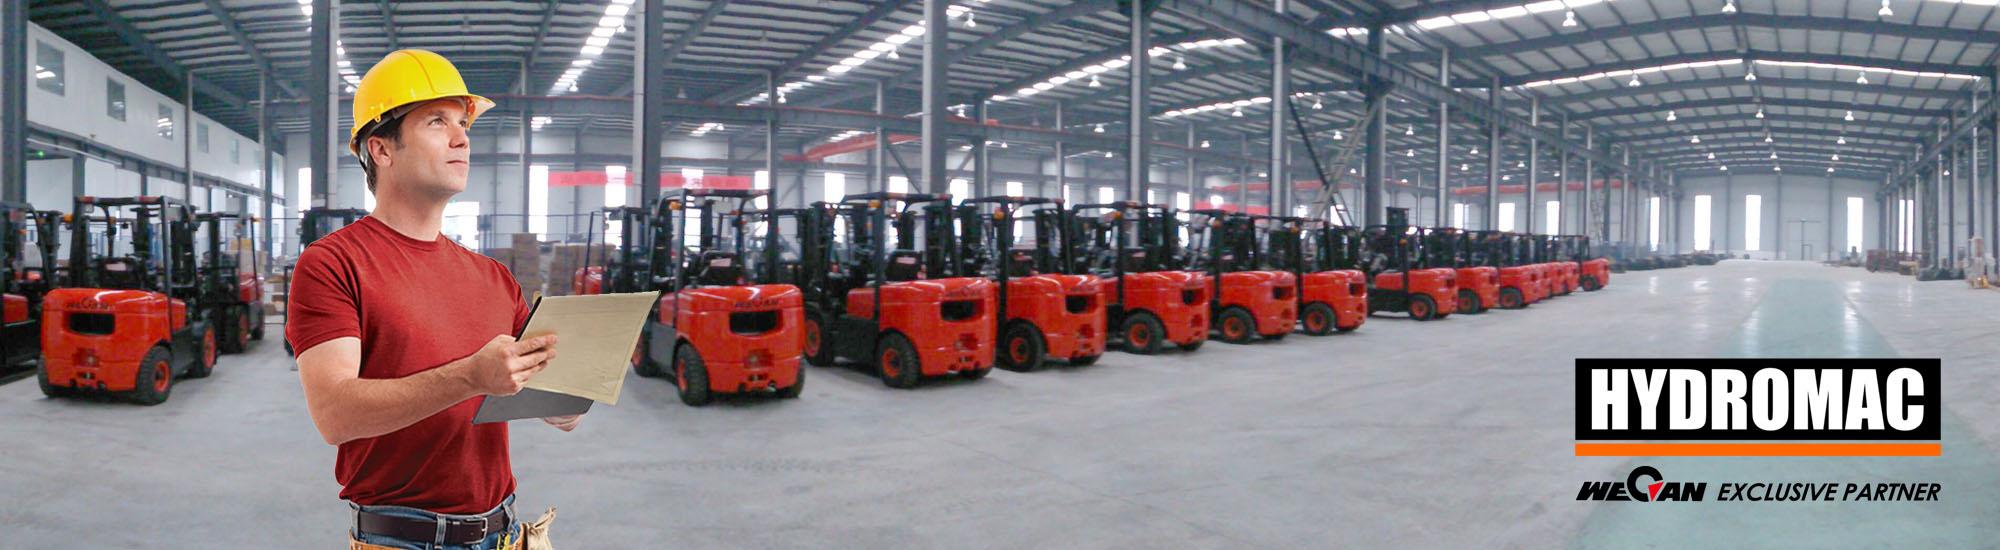 Votre partenaire qualité pour vos matériels de manutention et accessoires… Chariots élévateurs, mini chargeuses, composants hydrauliques et pièces détachées.